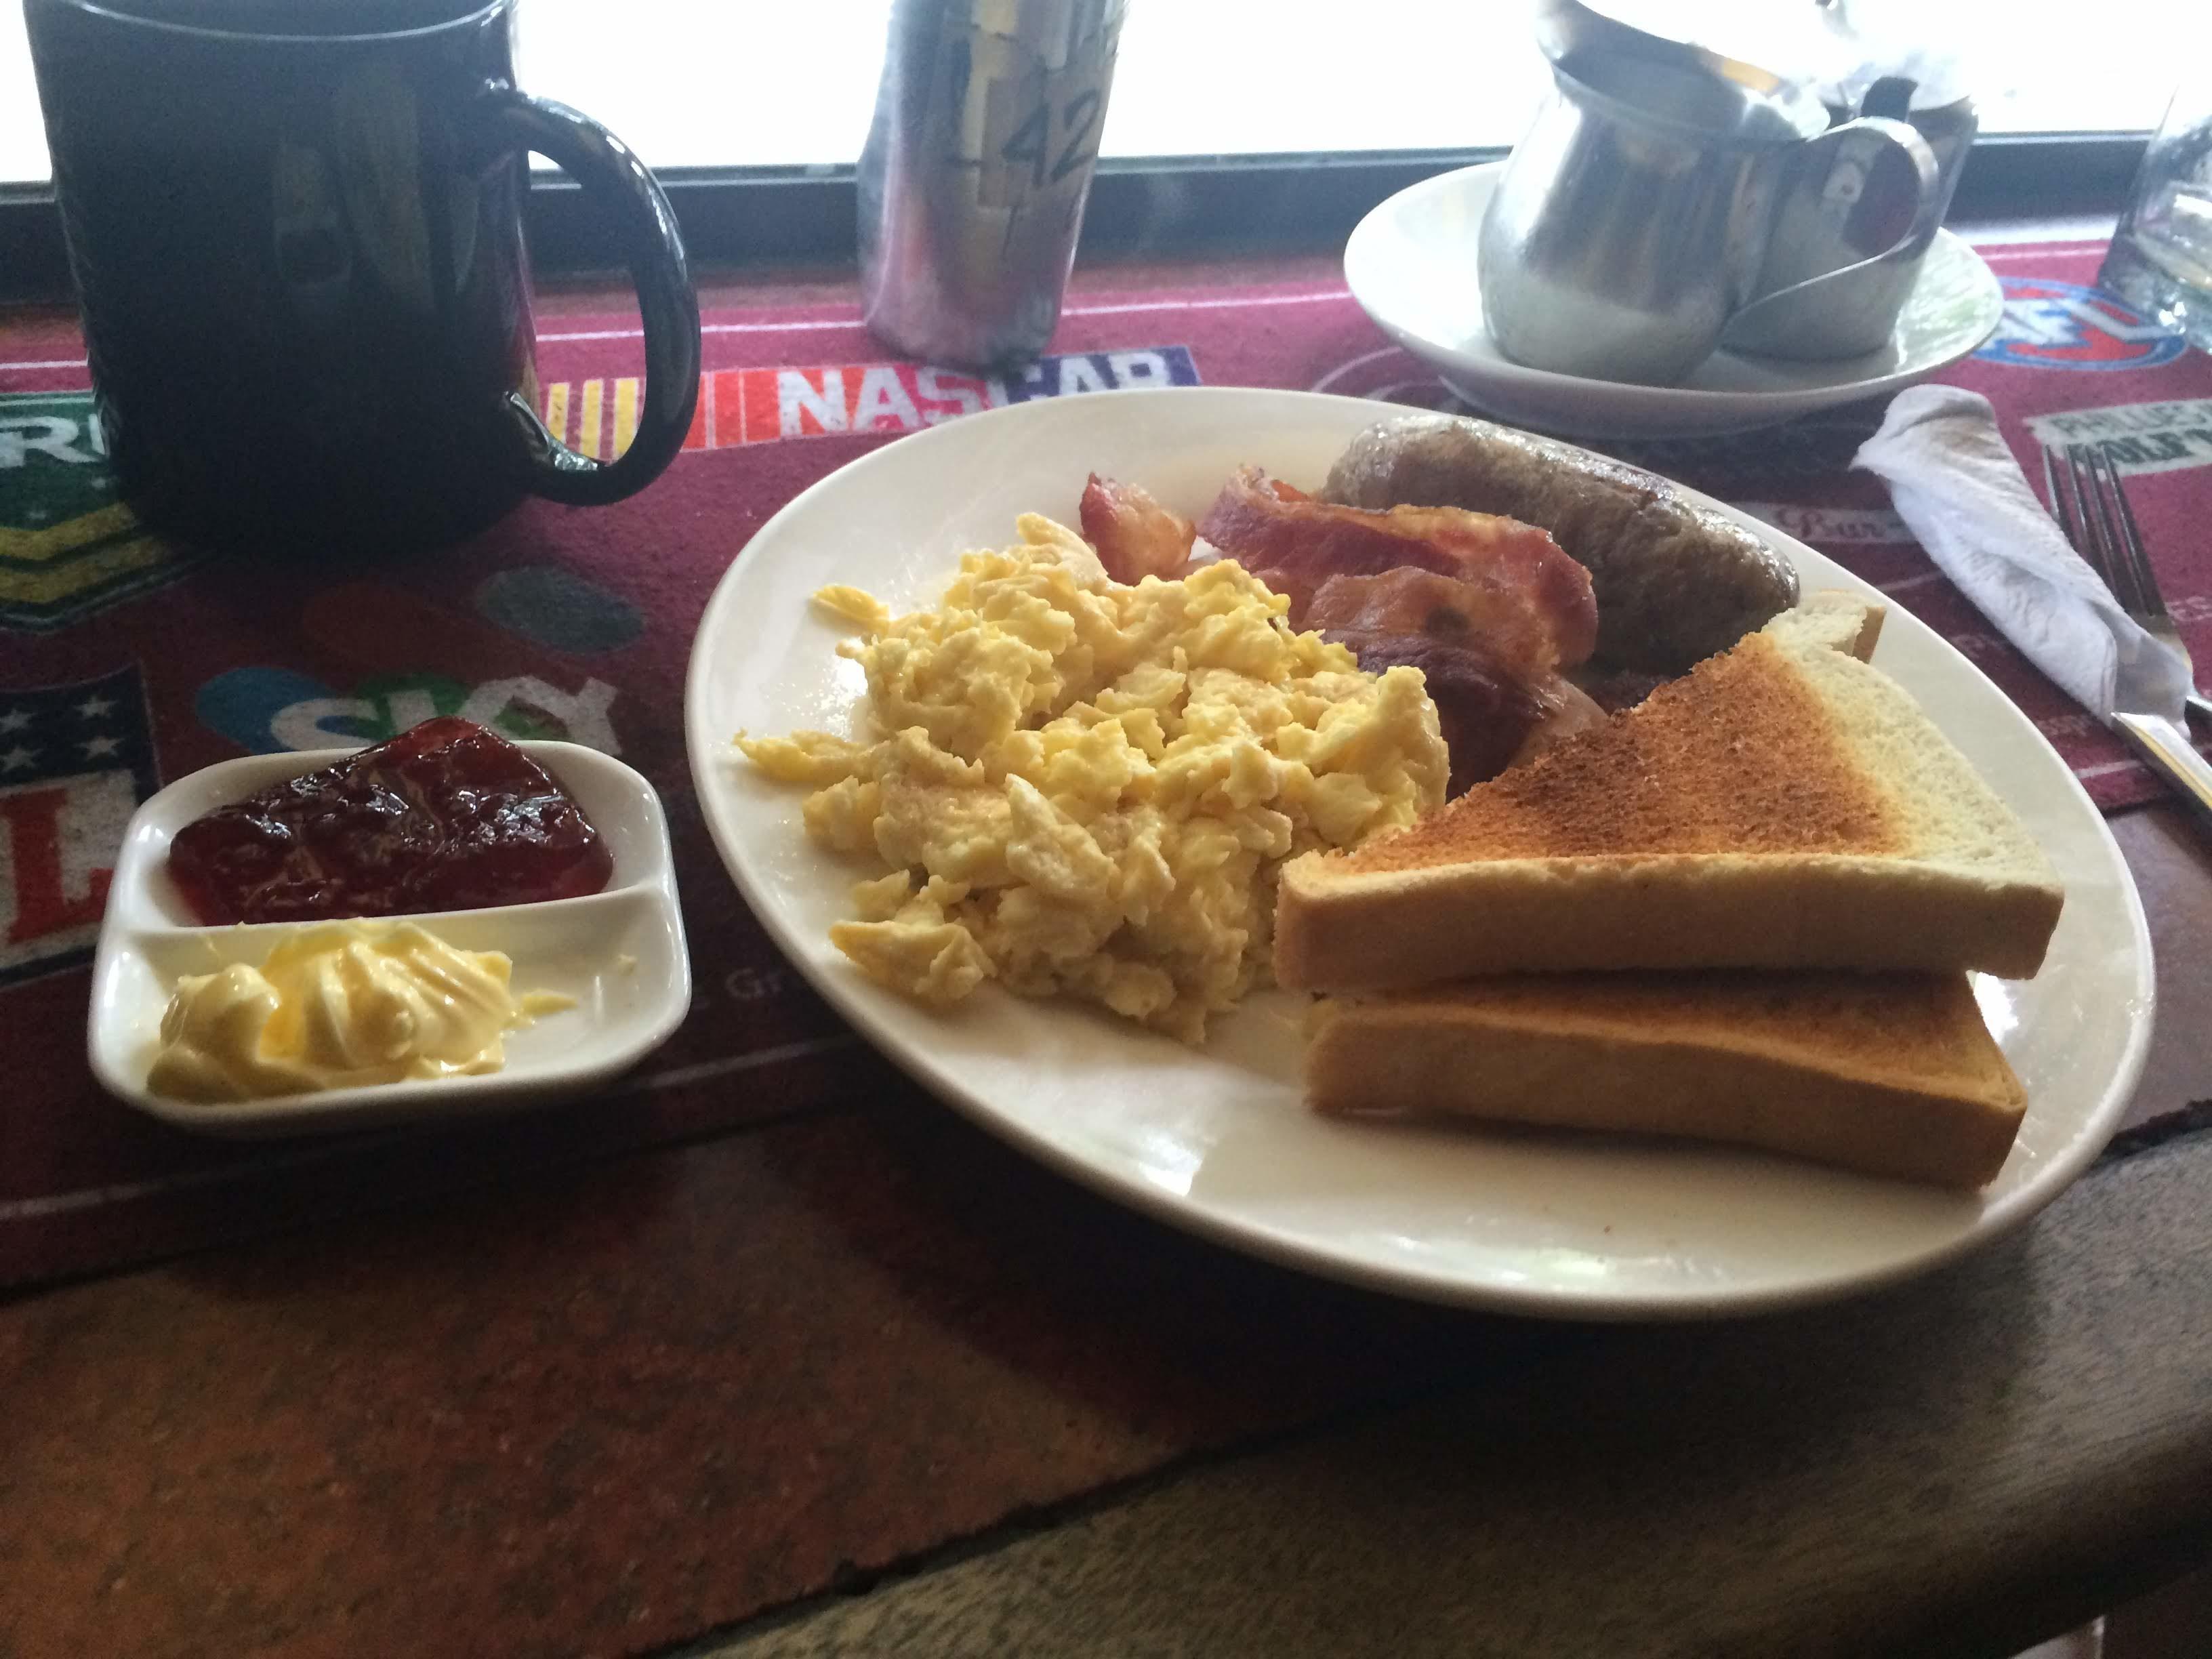 アンヘレスでの朝食に訪れたフィリーズ(Phillies Sports Grill&Bar)が噂通り大満足だった件